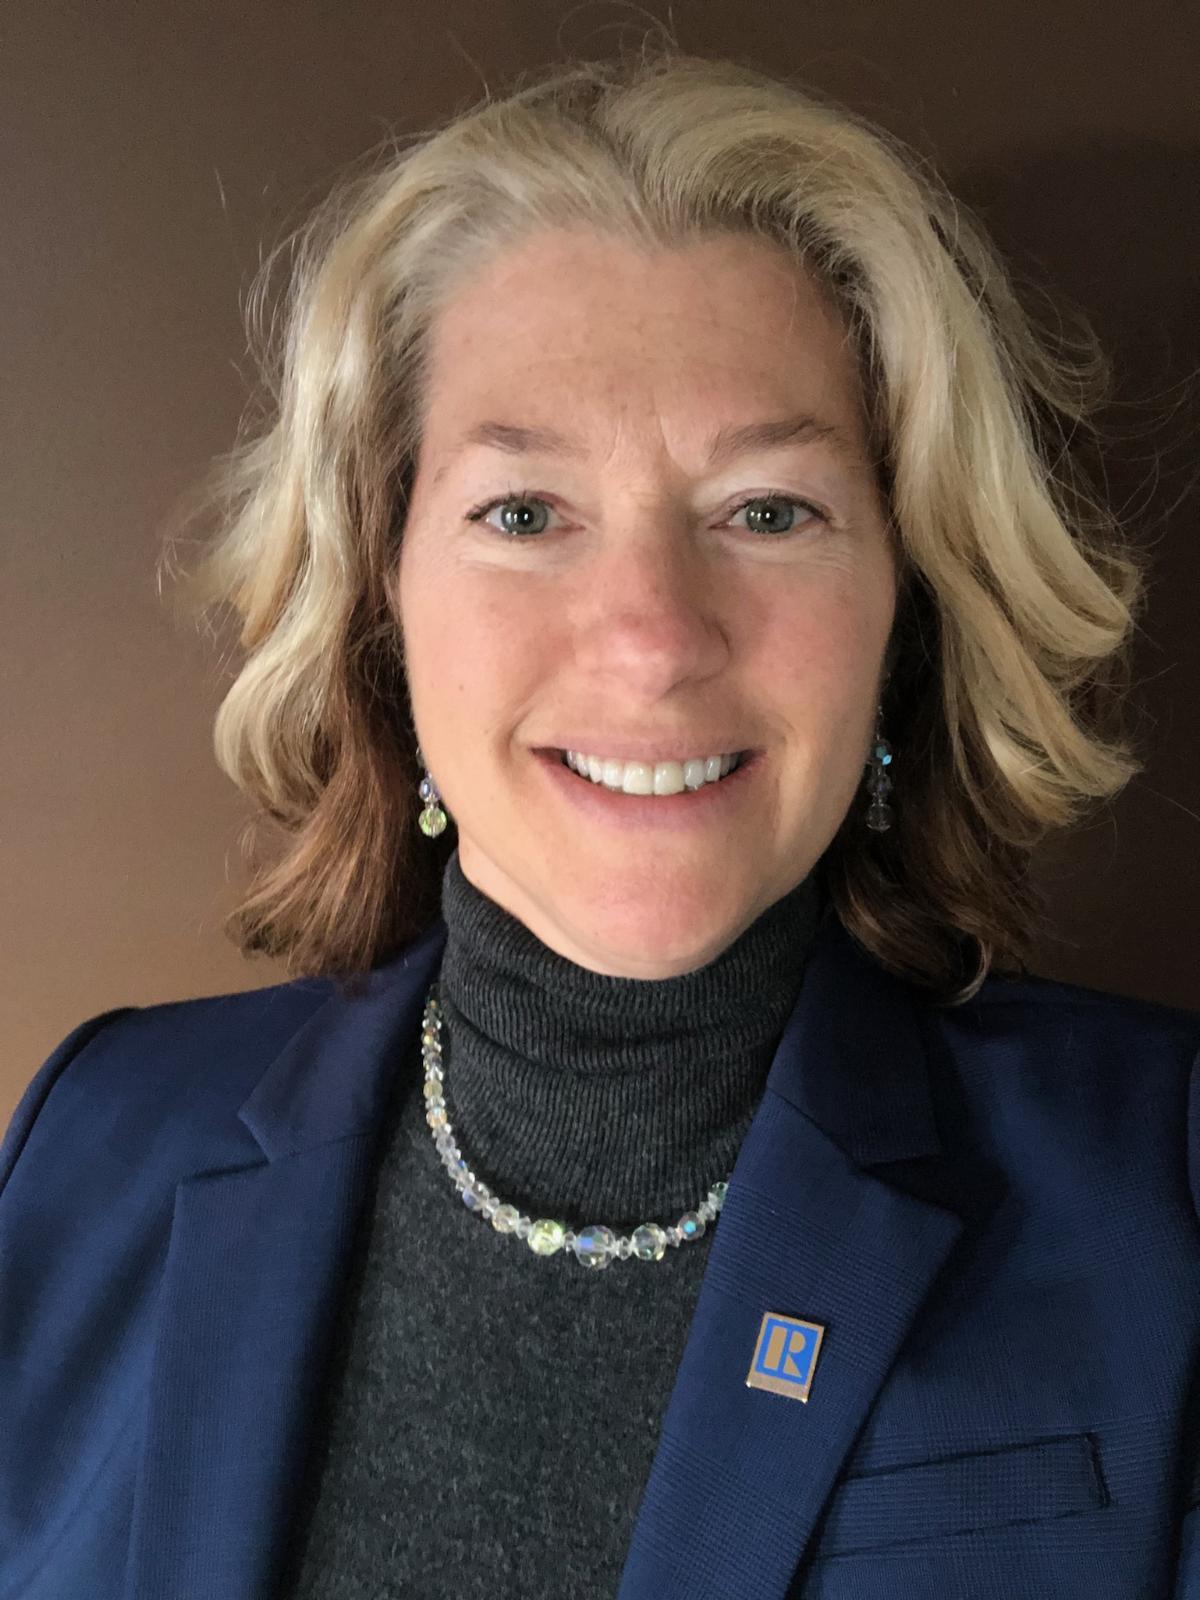 Gwen Gable